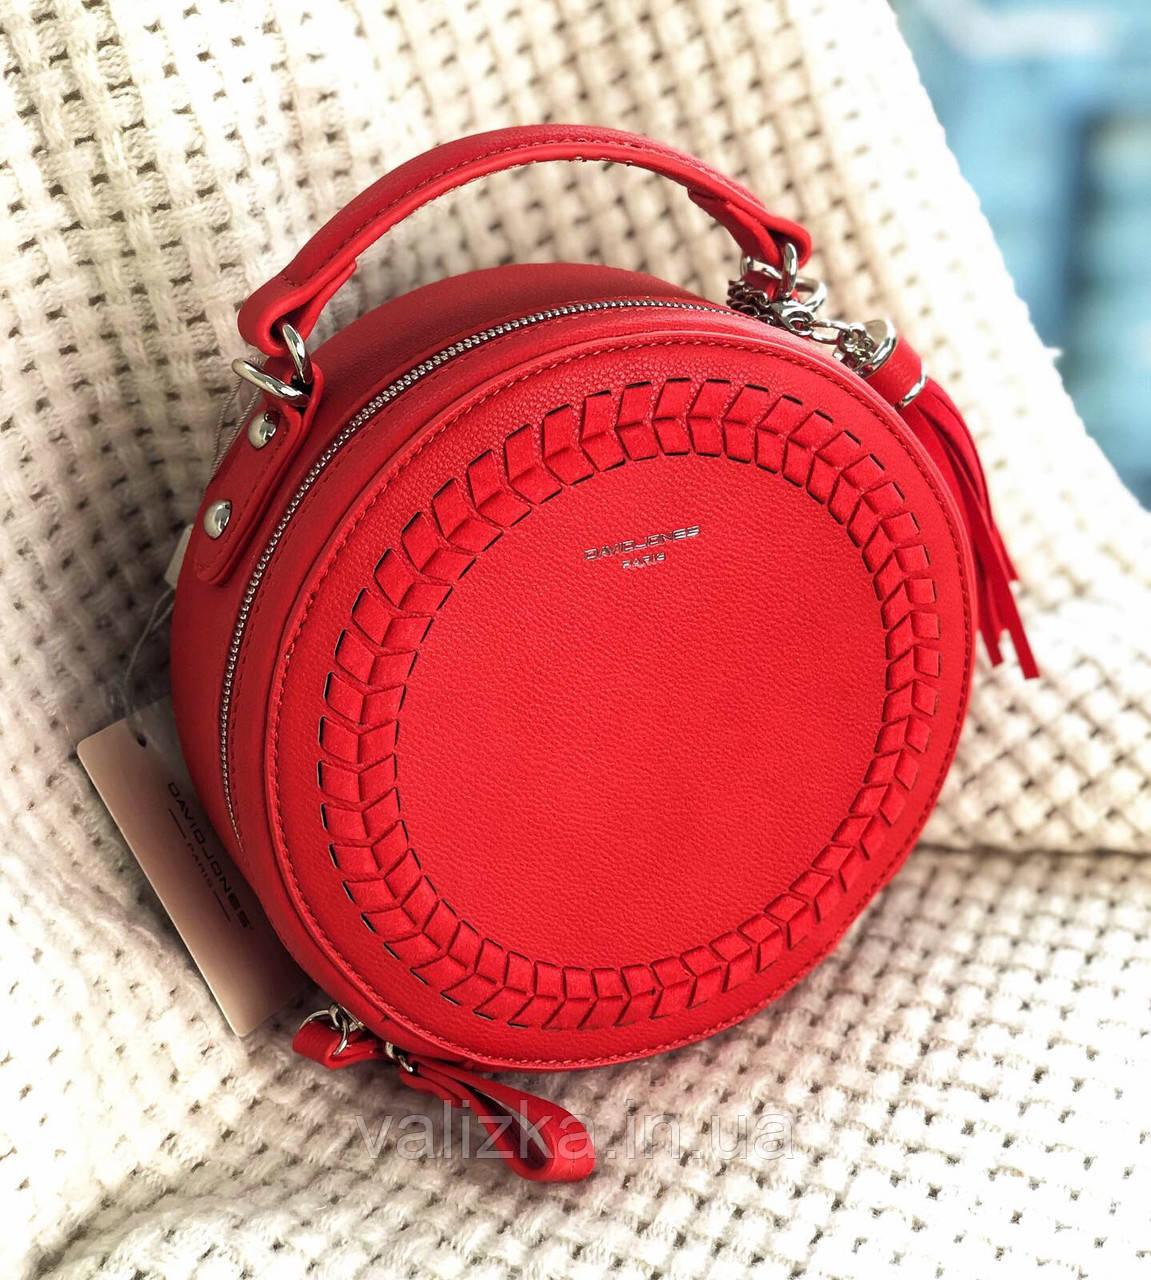 Сумка круглая с плетенкой кросс-боди David Jones женская весення сумочка красная